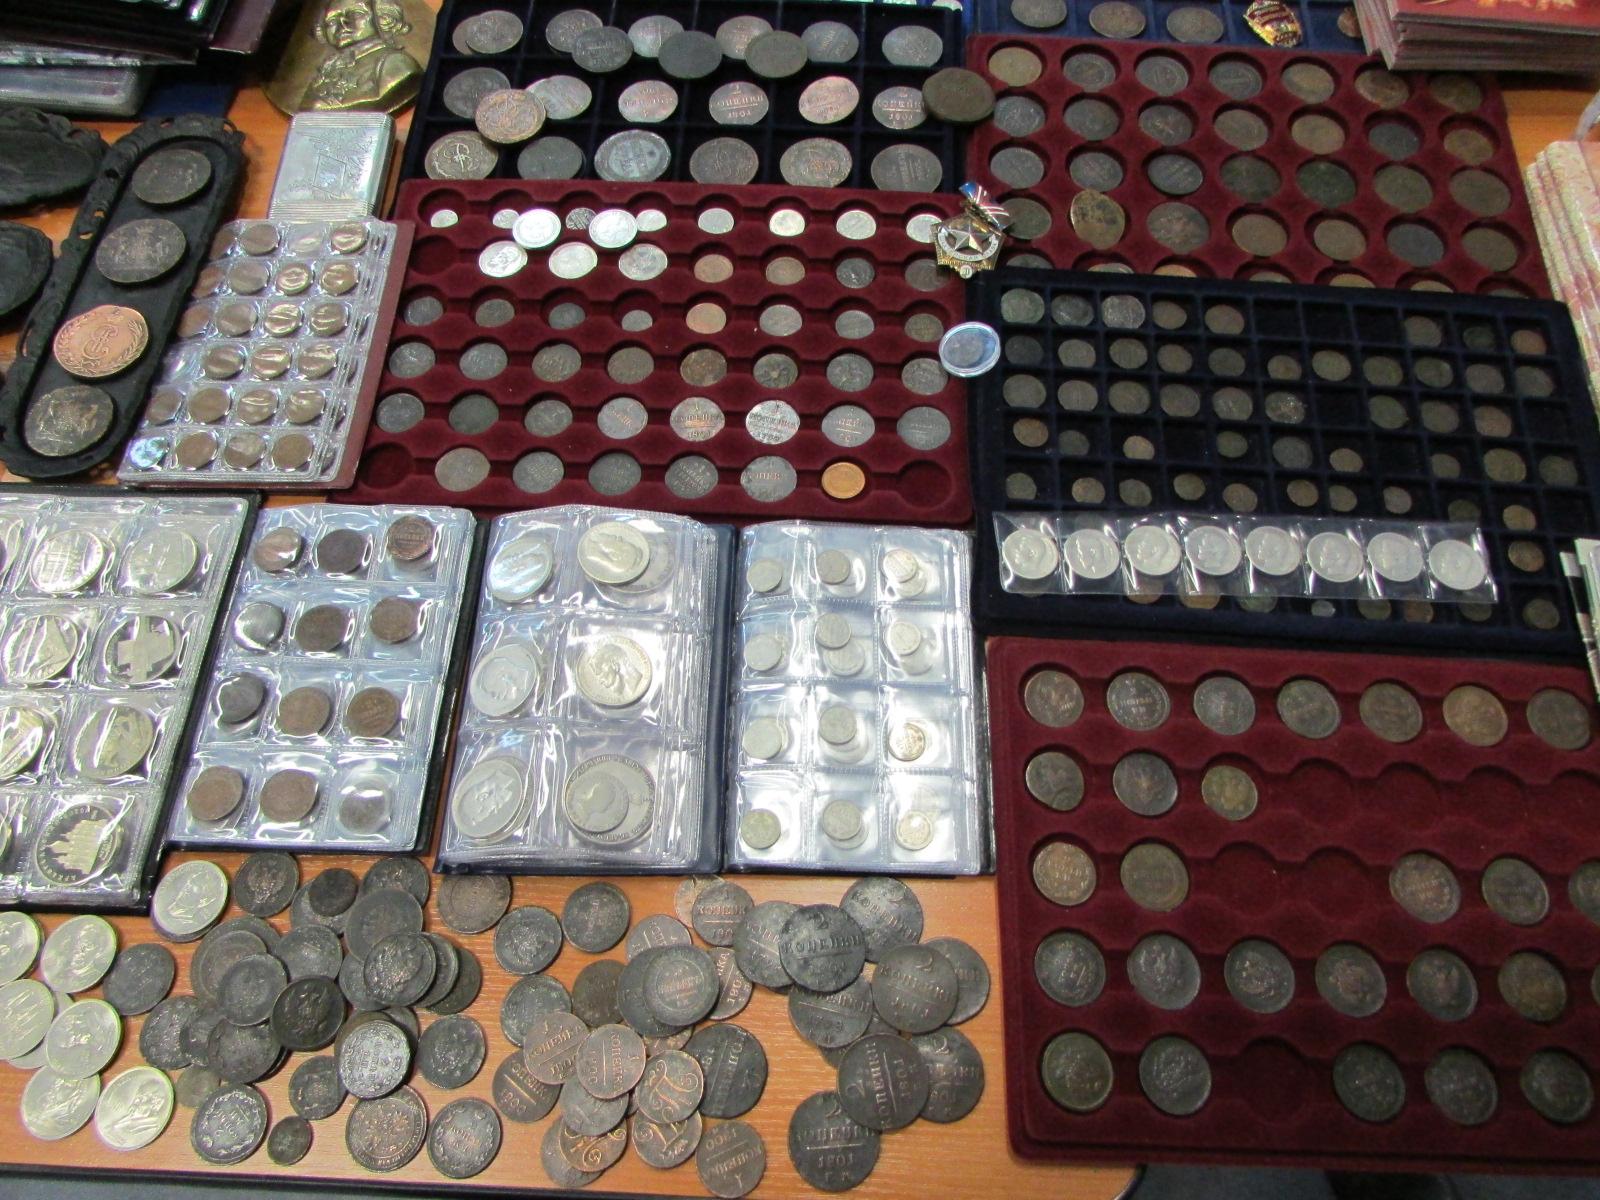 Нумизматика или коллекционирование монет?